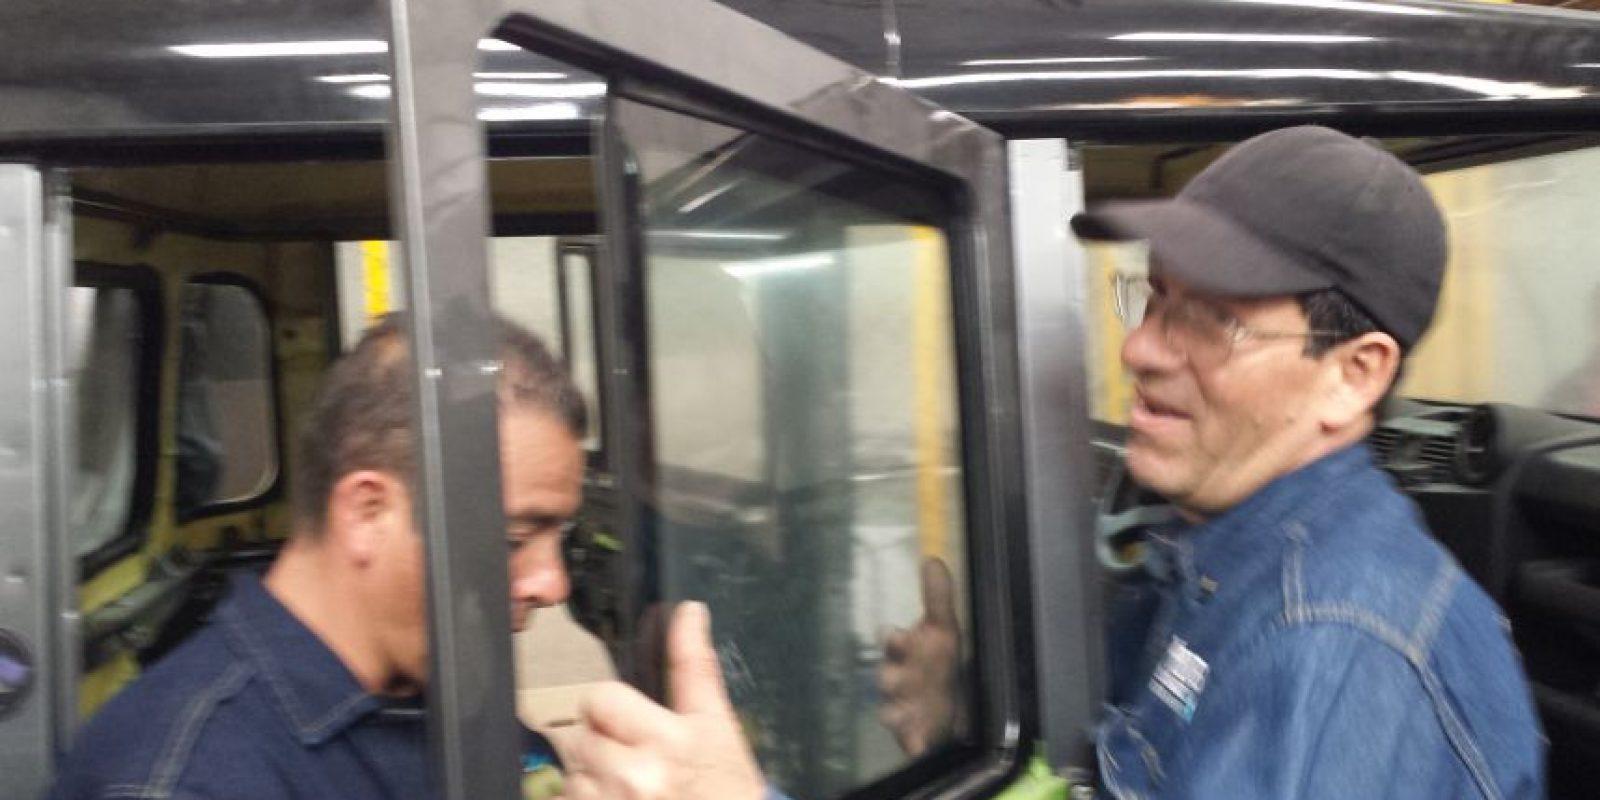 El trabajo más difícil es la instalación de los vidrios, de un peso superior a 45 kilos por metro cuadrado. Foto:Juan Manuel Reyes – Publimetro